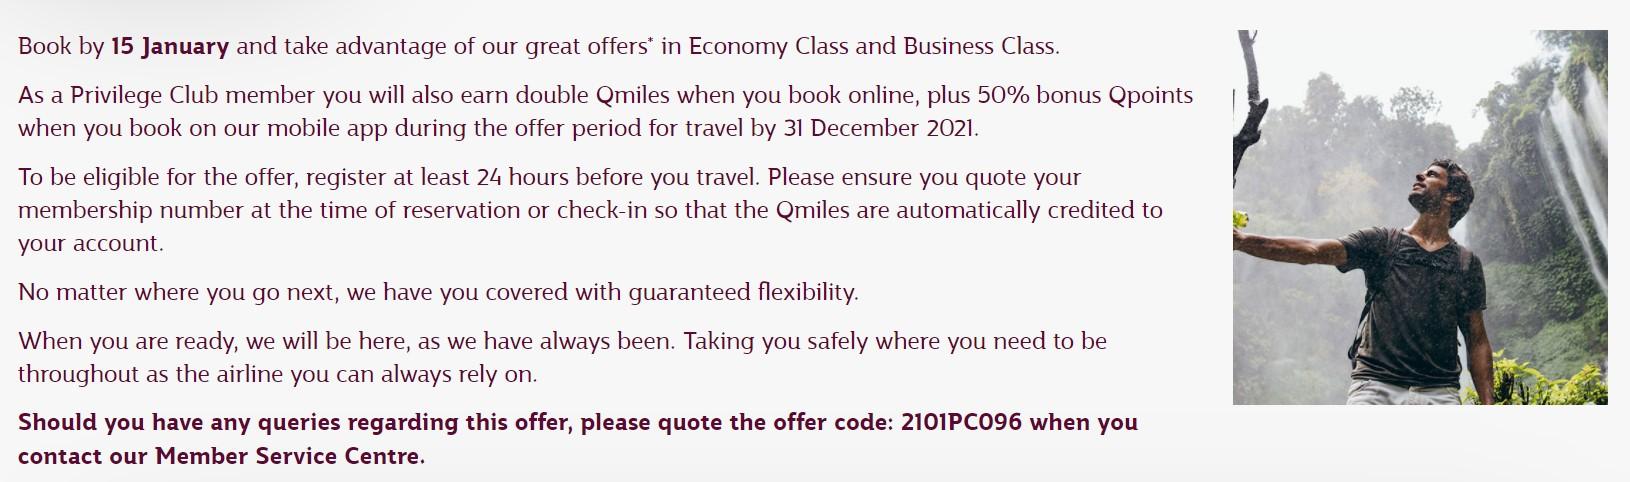 Бонусные мили и статусные баллы на рейсах Qatar Airways